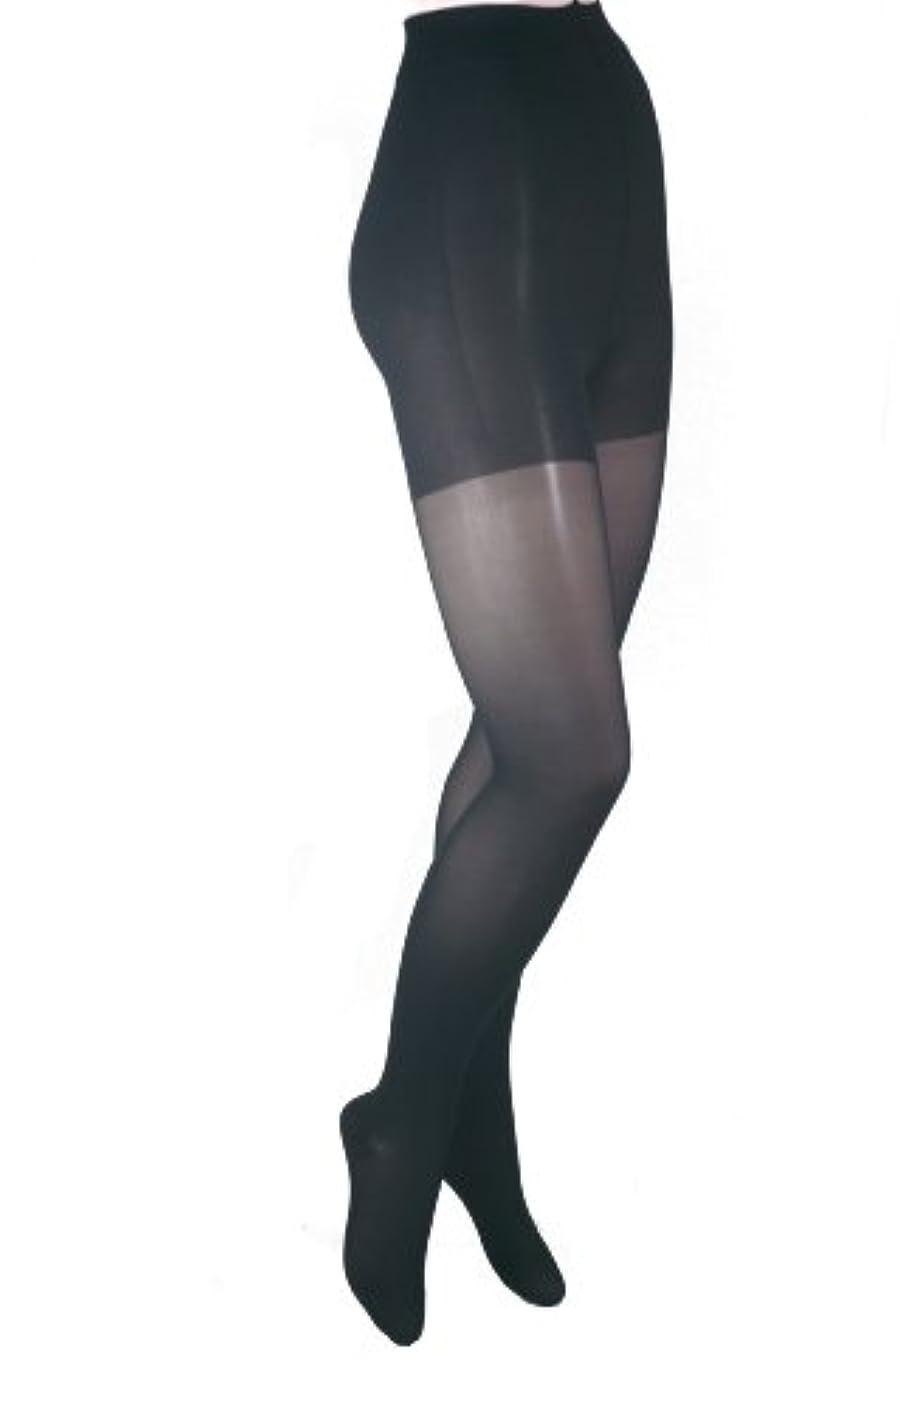 どういたしましておとうさんオールITA-MED Sheer Pantyhose, Compression (20-22 mmHg) Black, Queen Plus by ITA-MED